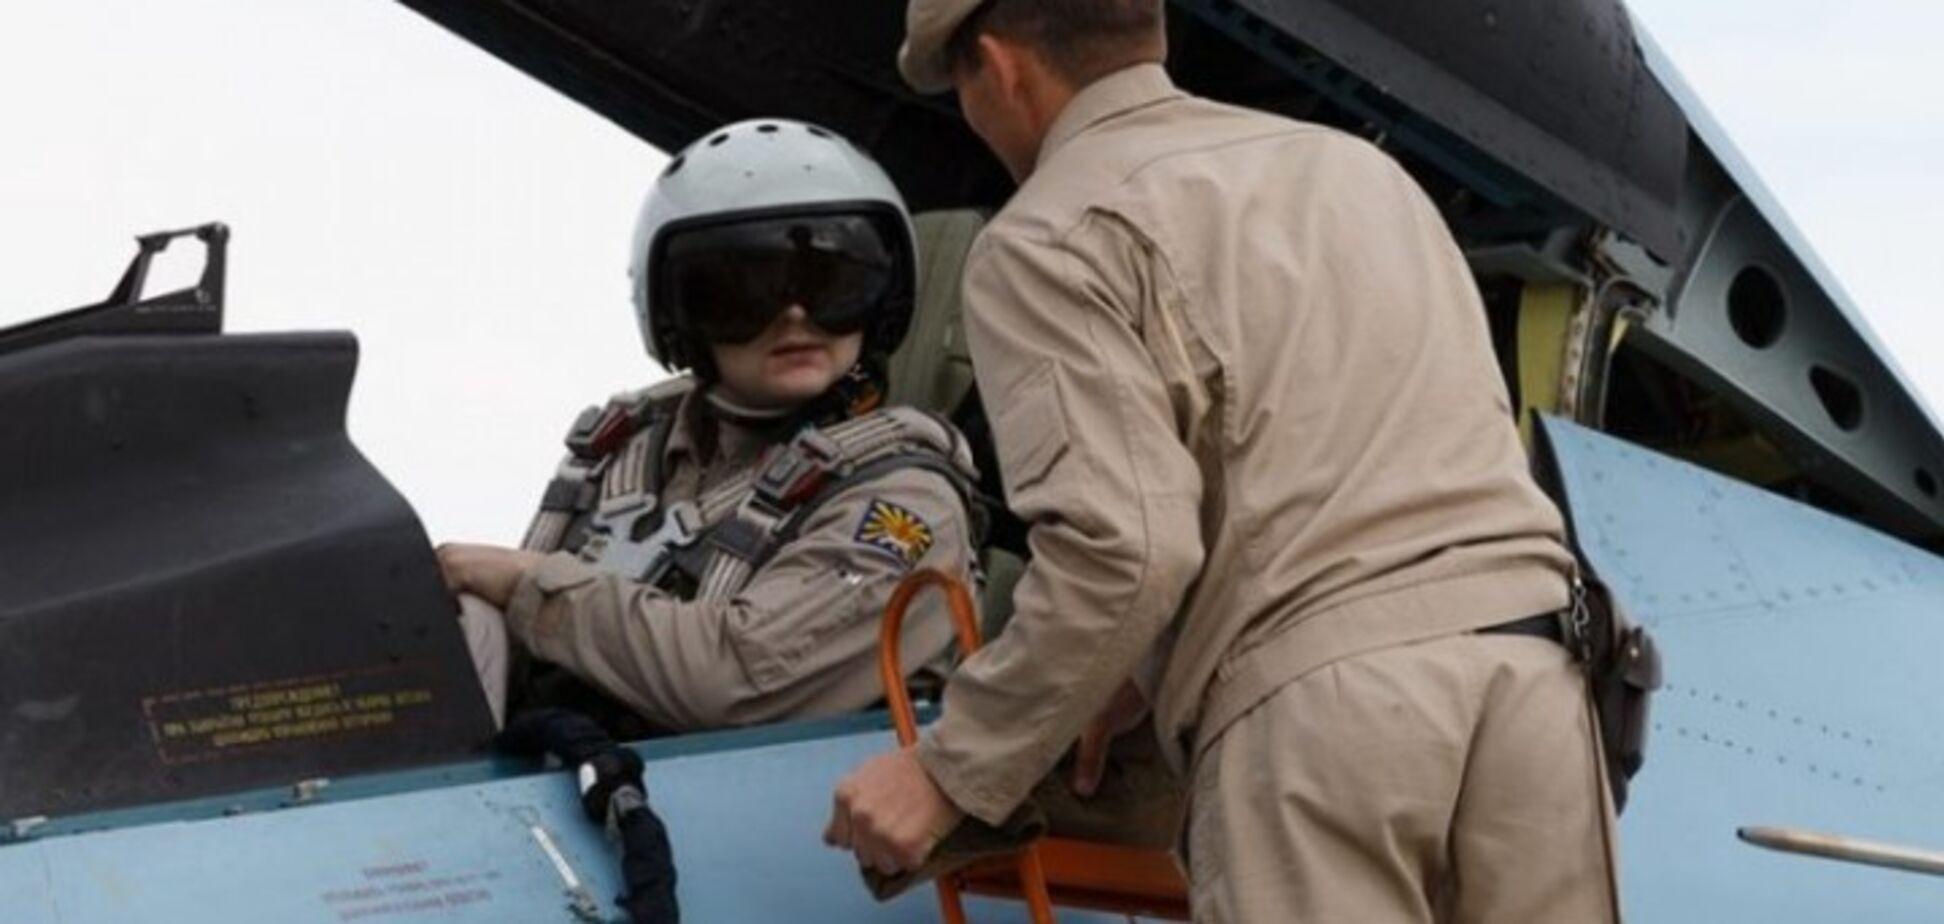 Высший пилотаж: украинские военные летчики провели уникальную 'спецоперацию'. Впечатляющее фото